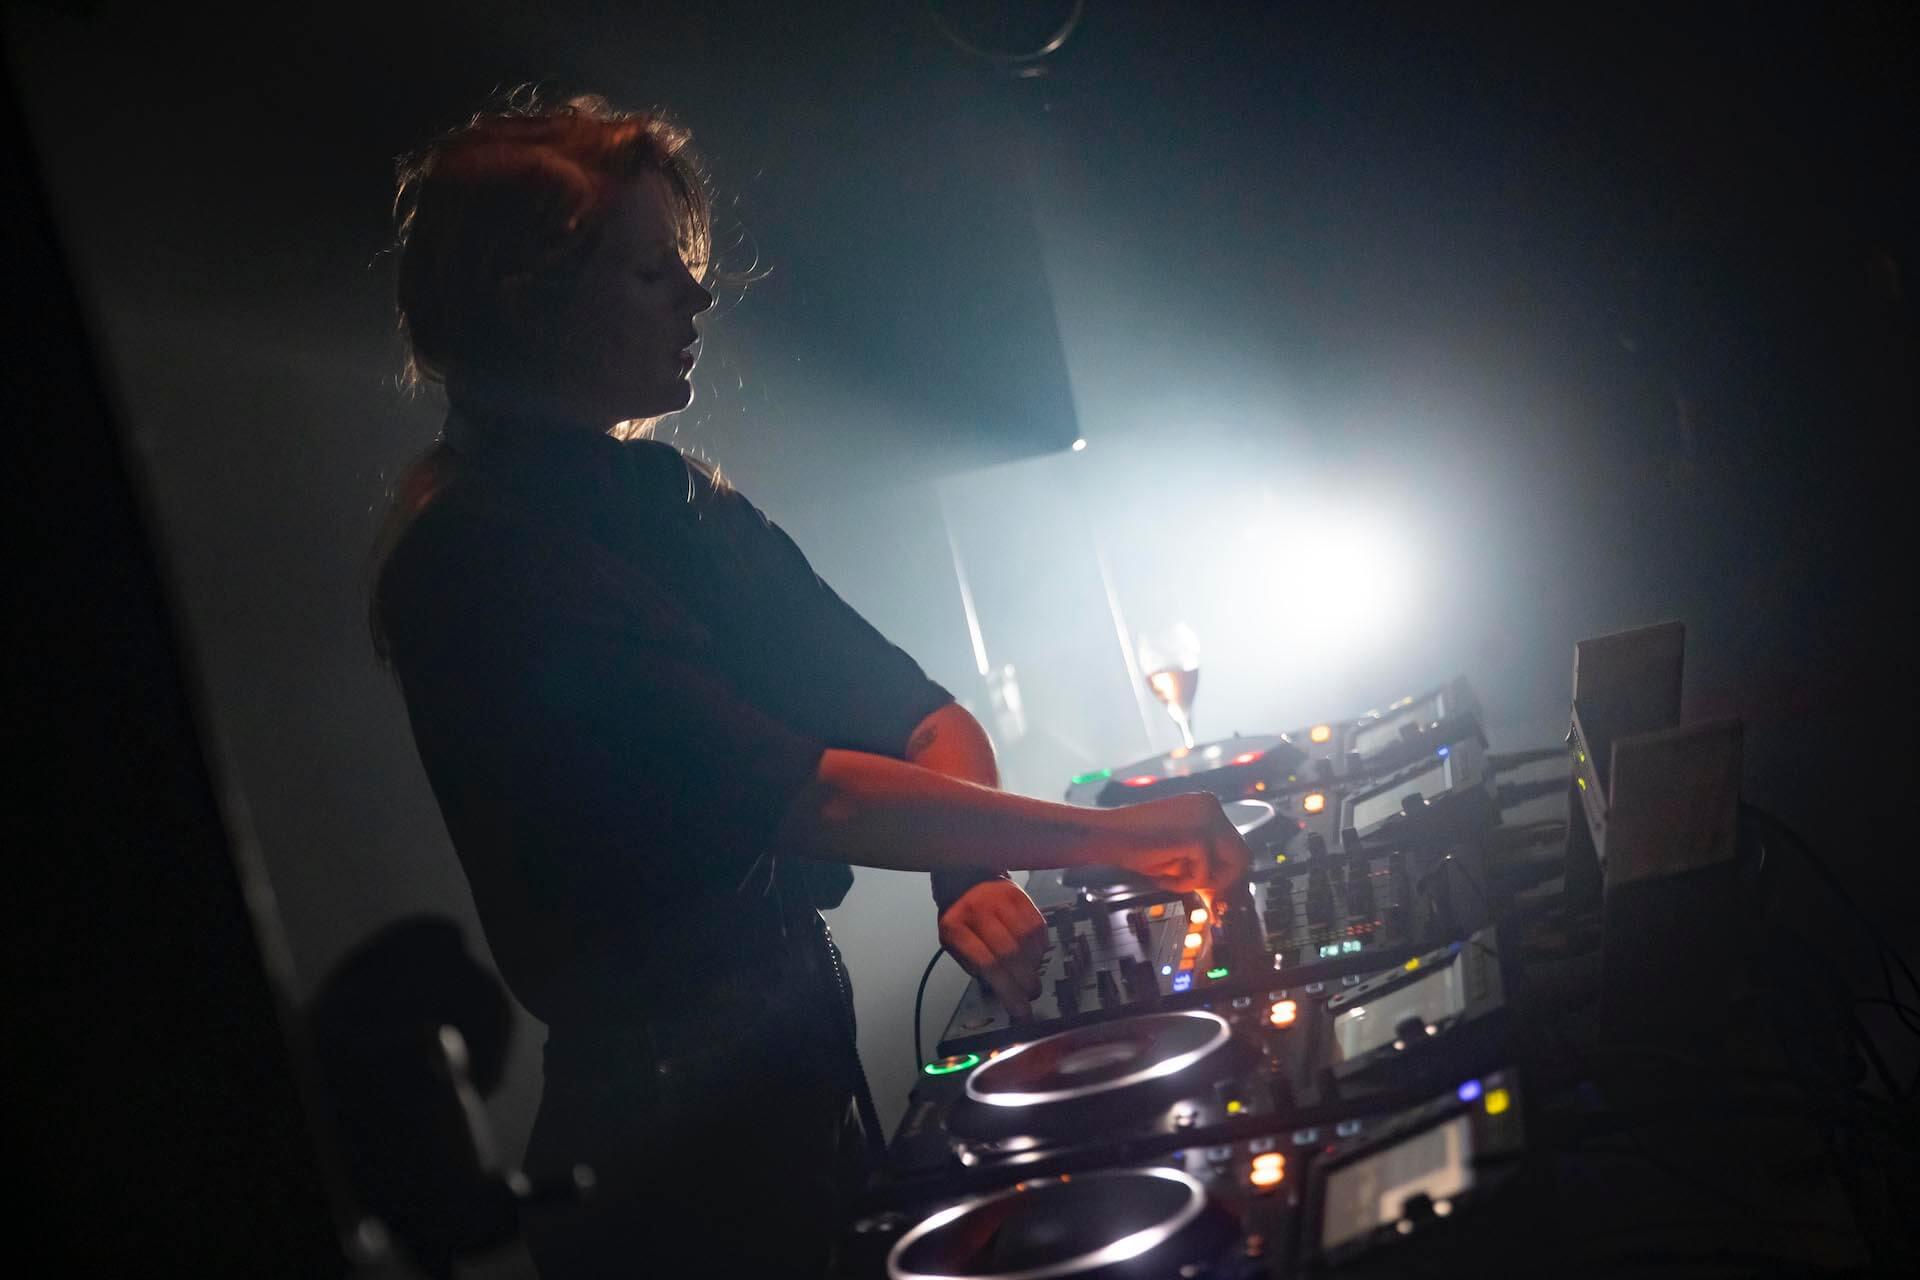 ベルギーの女性DJ・Charlotte de Witte×<ALIVE presents REBOOT>が東京のクラブナイトを再び更新する music190920_charlotte_13